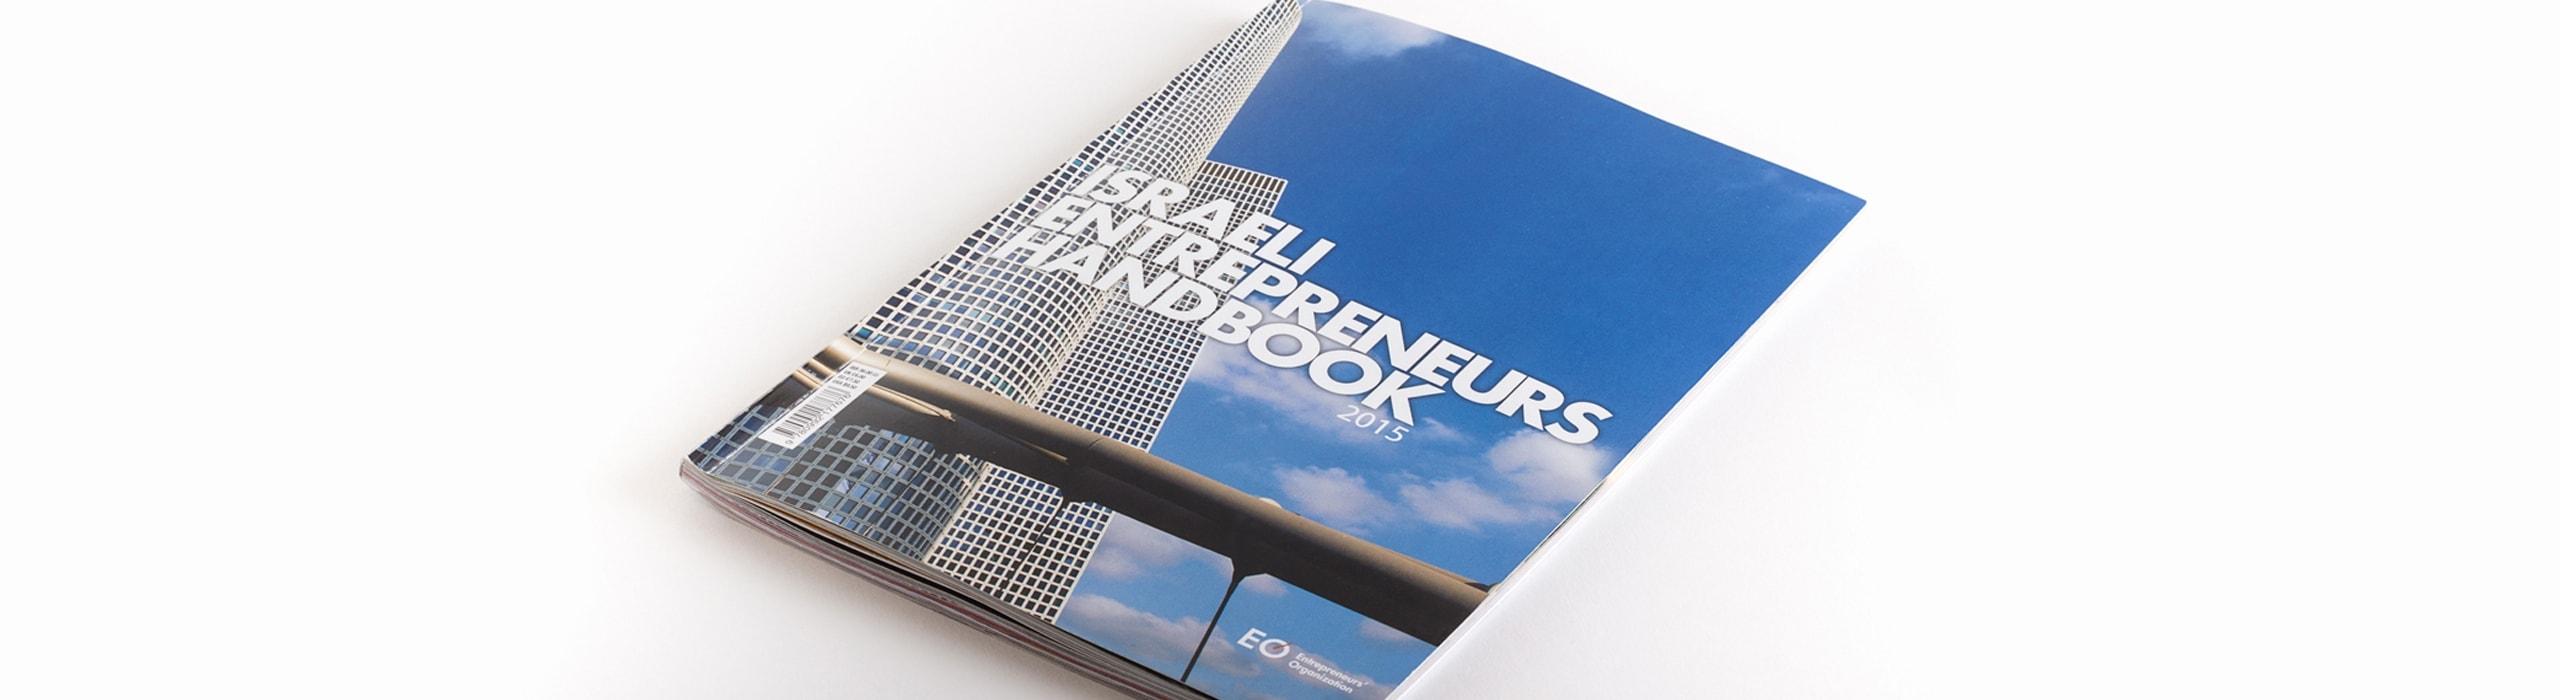 EO Israel - natie-eo-israel-handbook - Natie Branding Agency